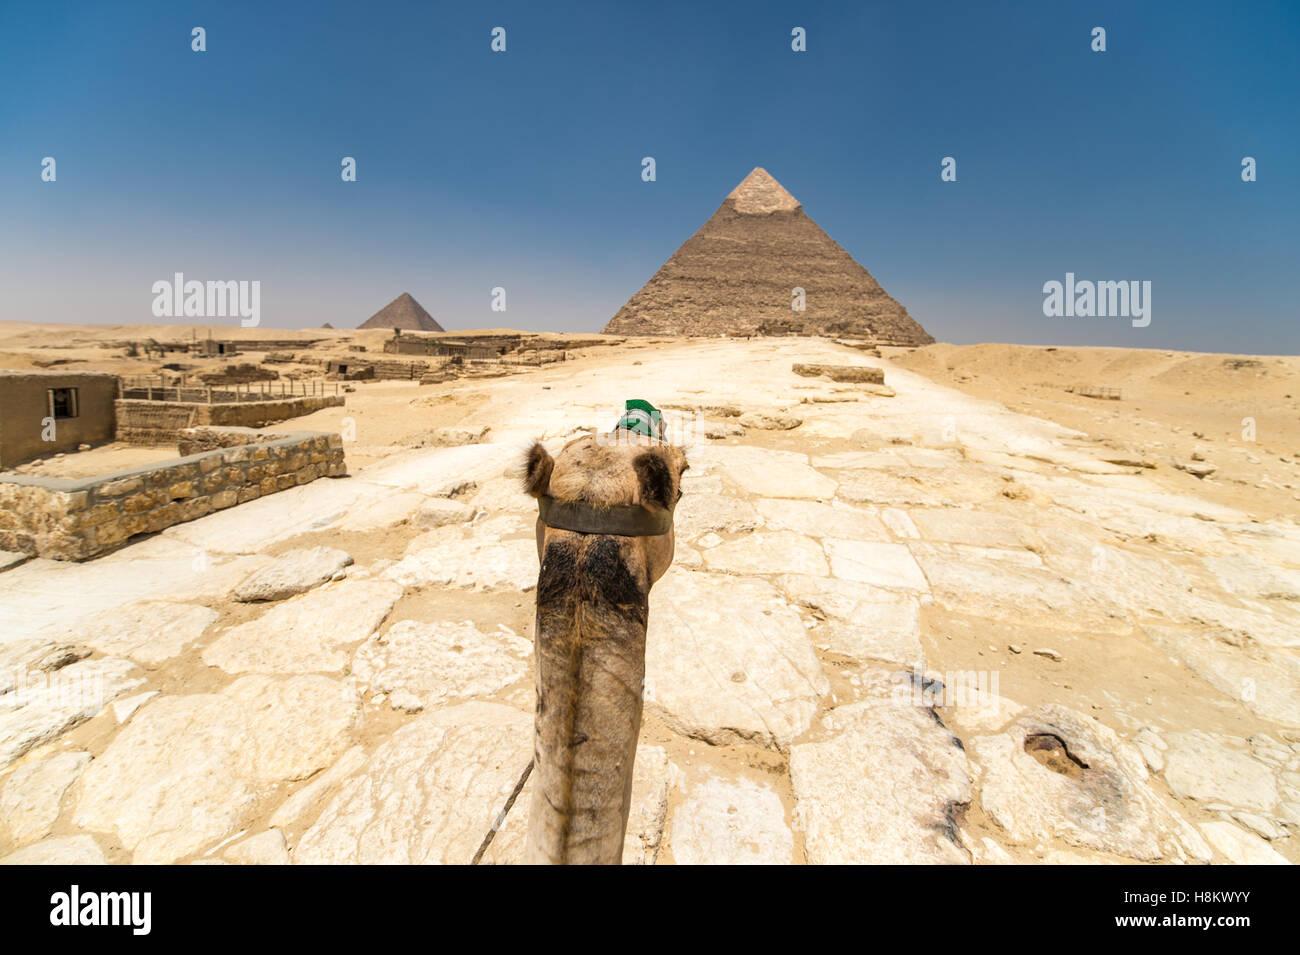 Le Caire, Égypte'monté sur un chameau à travers le désert avec les grandes pyramides de Photo Stock